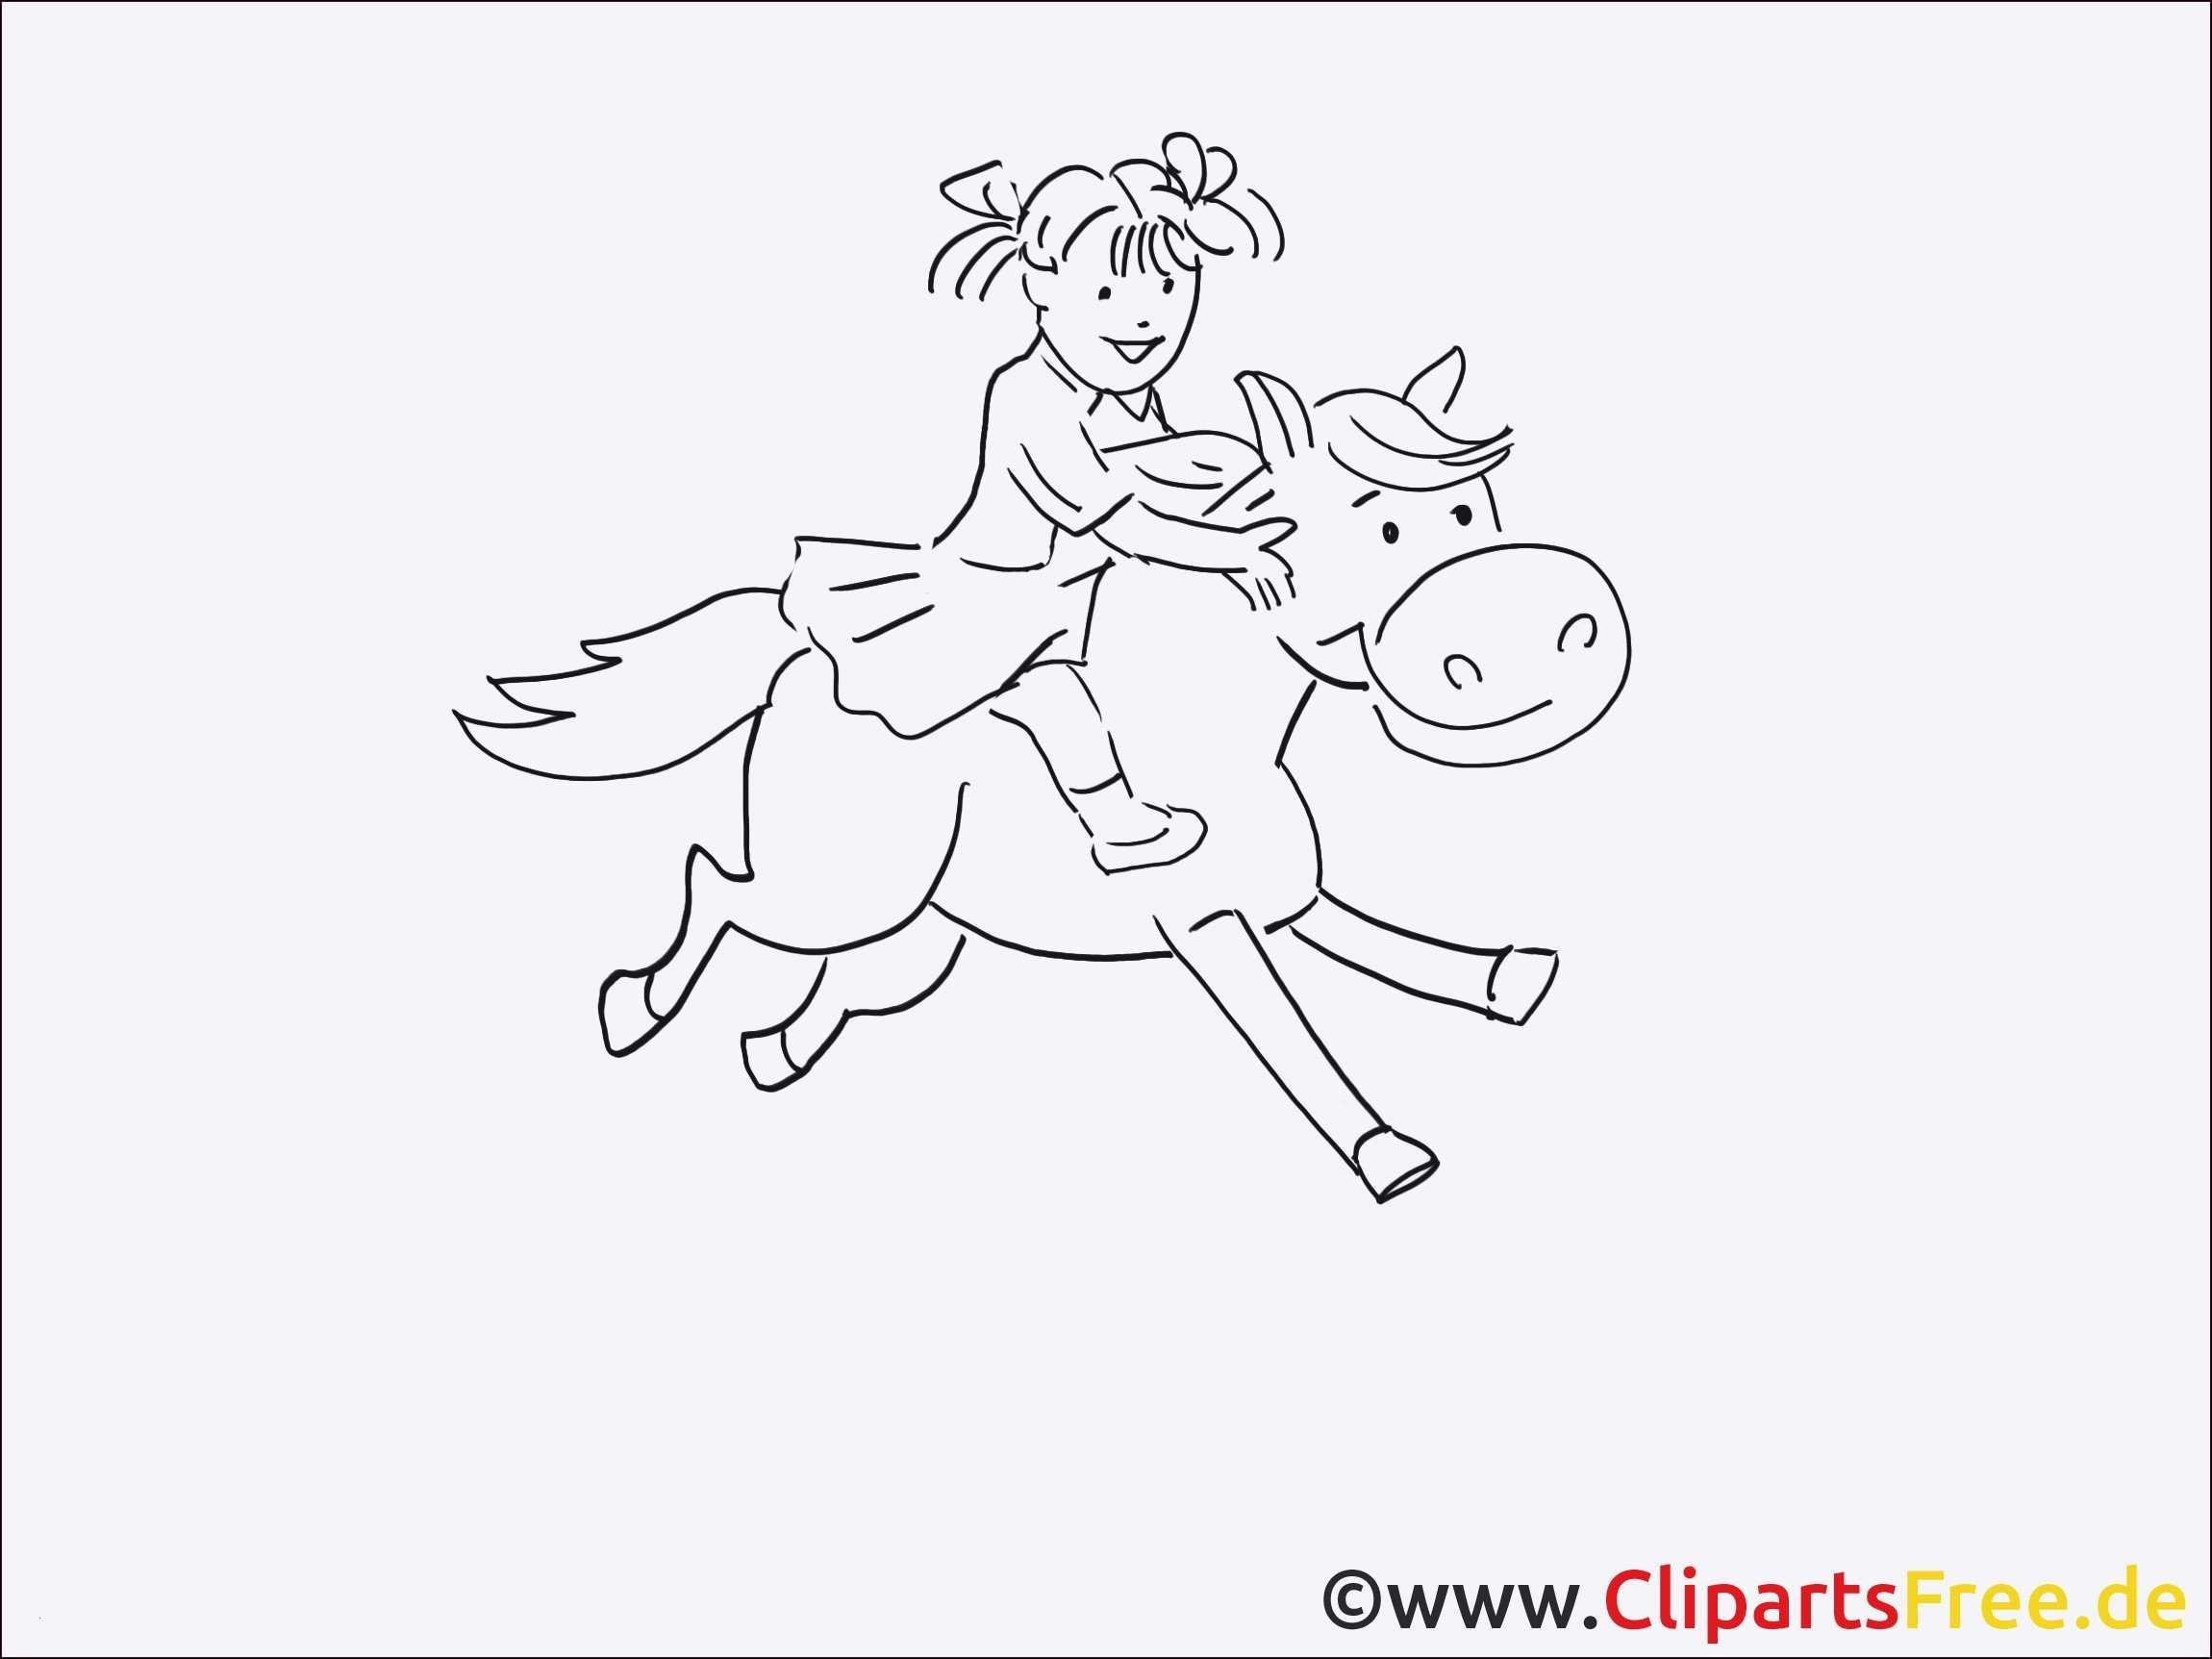 Ninjago Lloyd Ausmalbilder Das Beste Von Ausmalbilder Ninjago Lloyd Bildnis Ausmalbilder Pferde Mit Madchen Das Bild